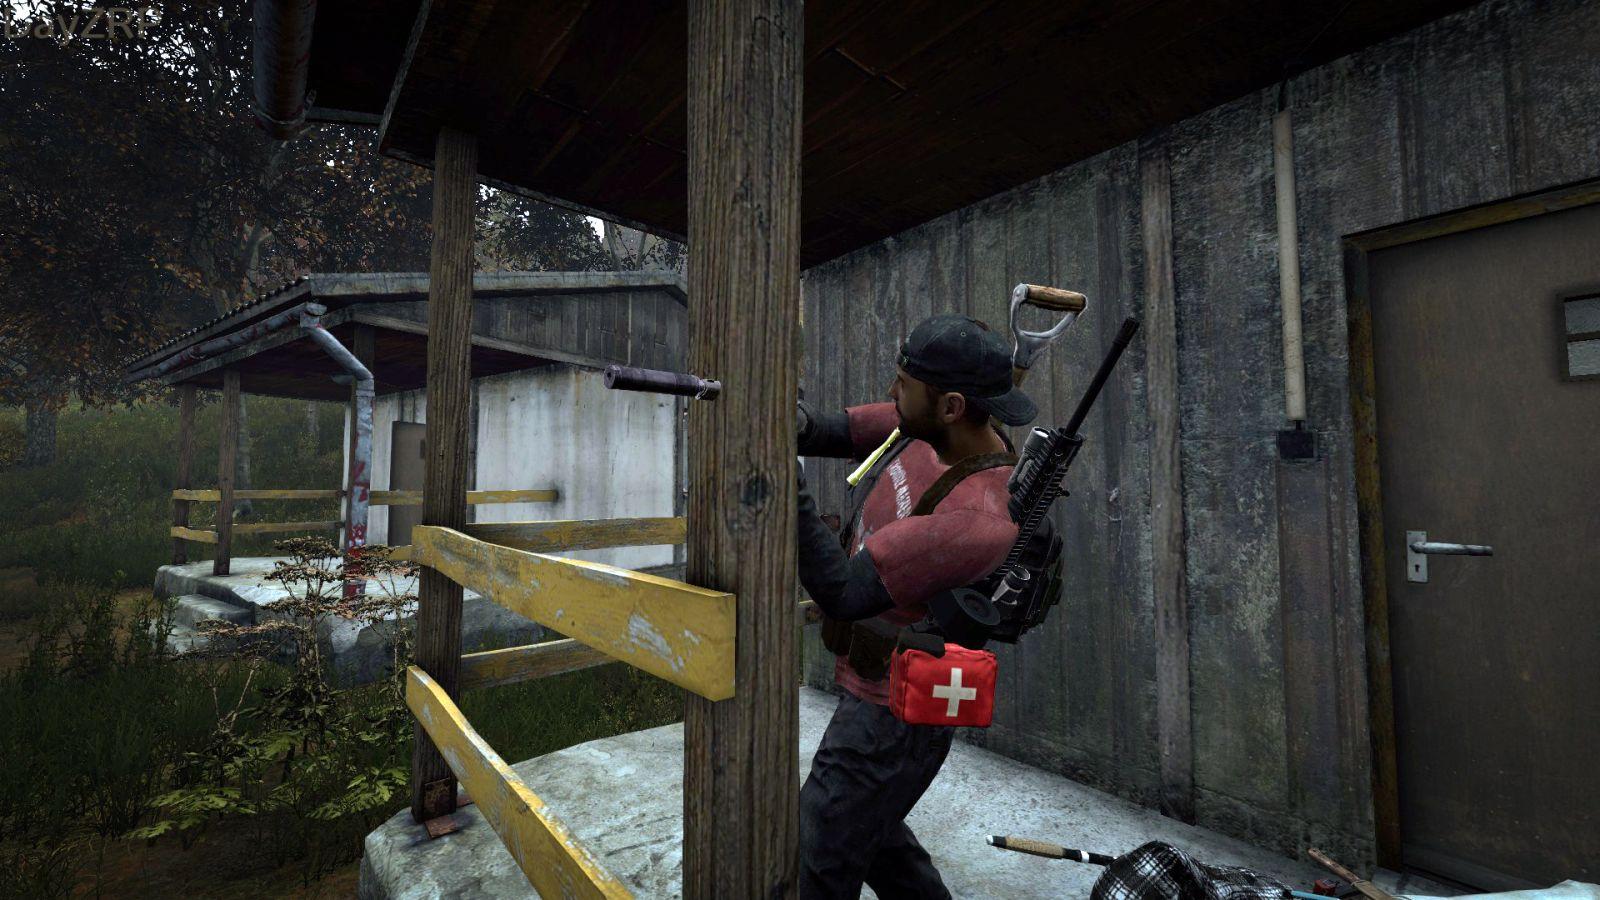 A Pistol Stuck In